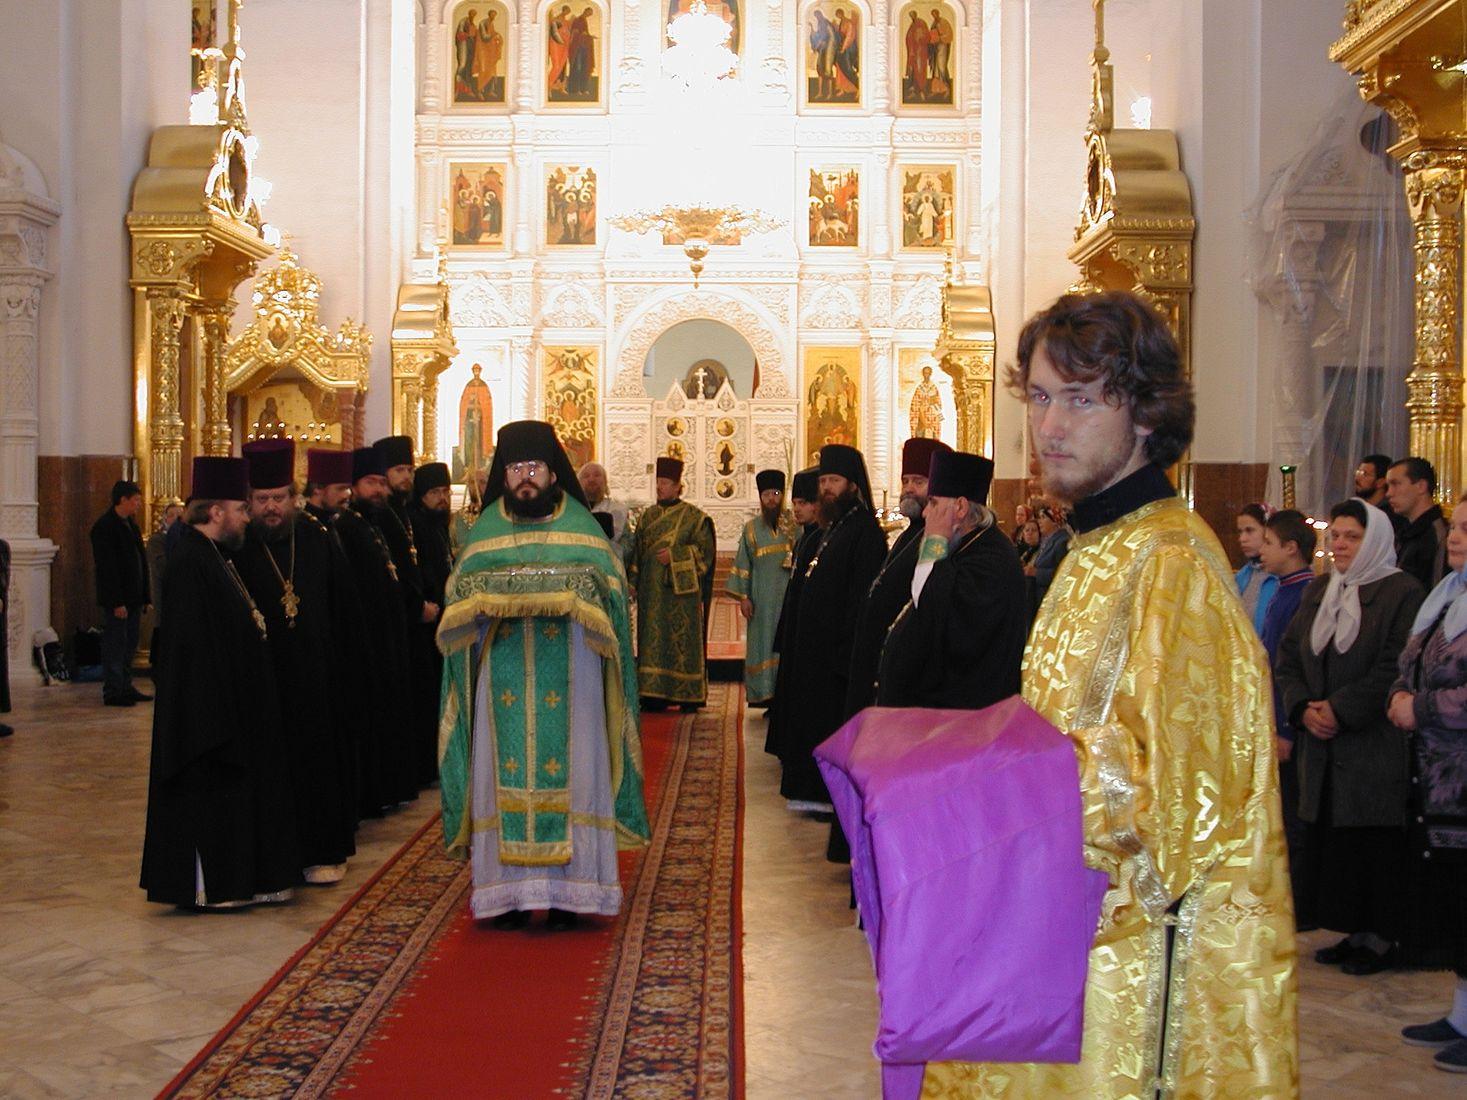 Юрий Антипычев. Происходящее. Без названия, 2003